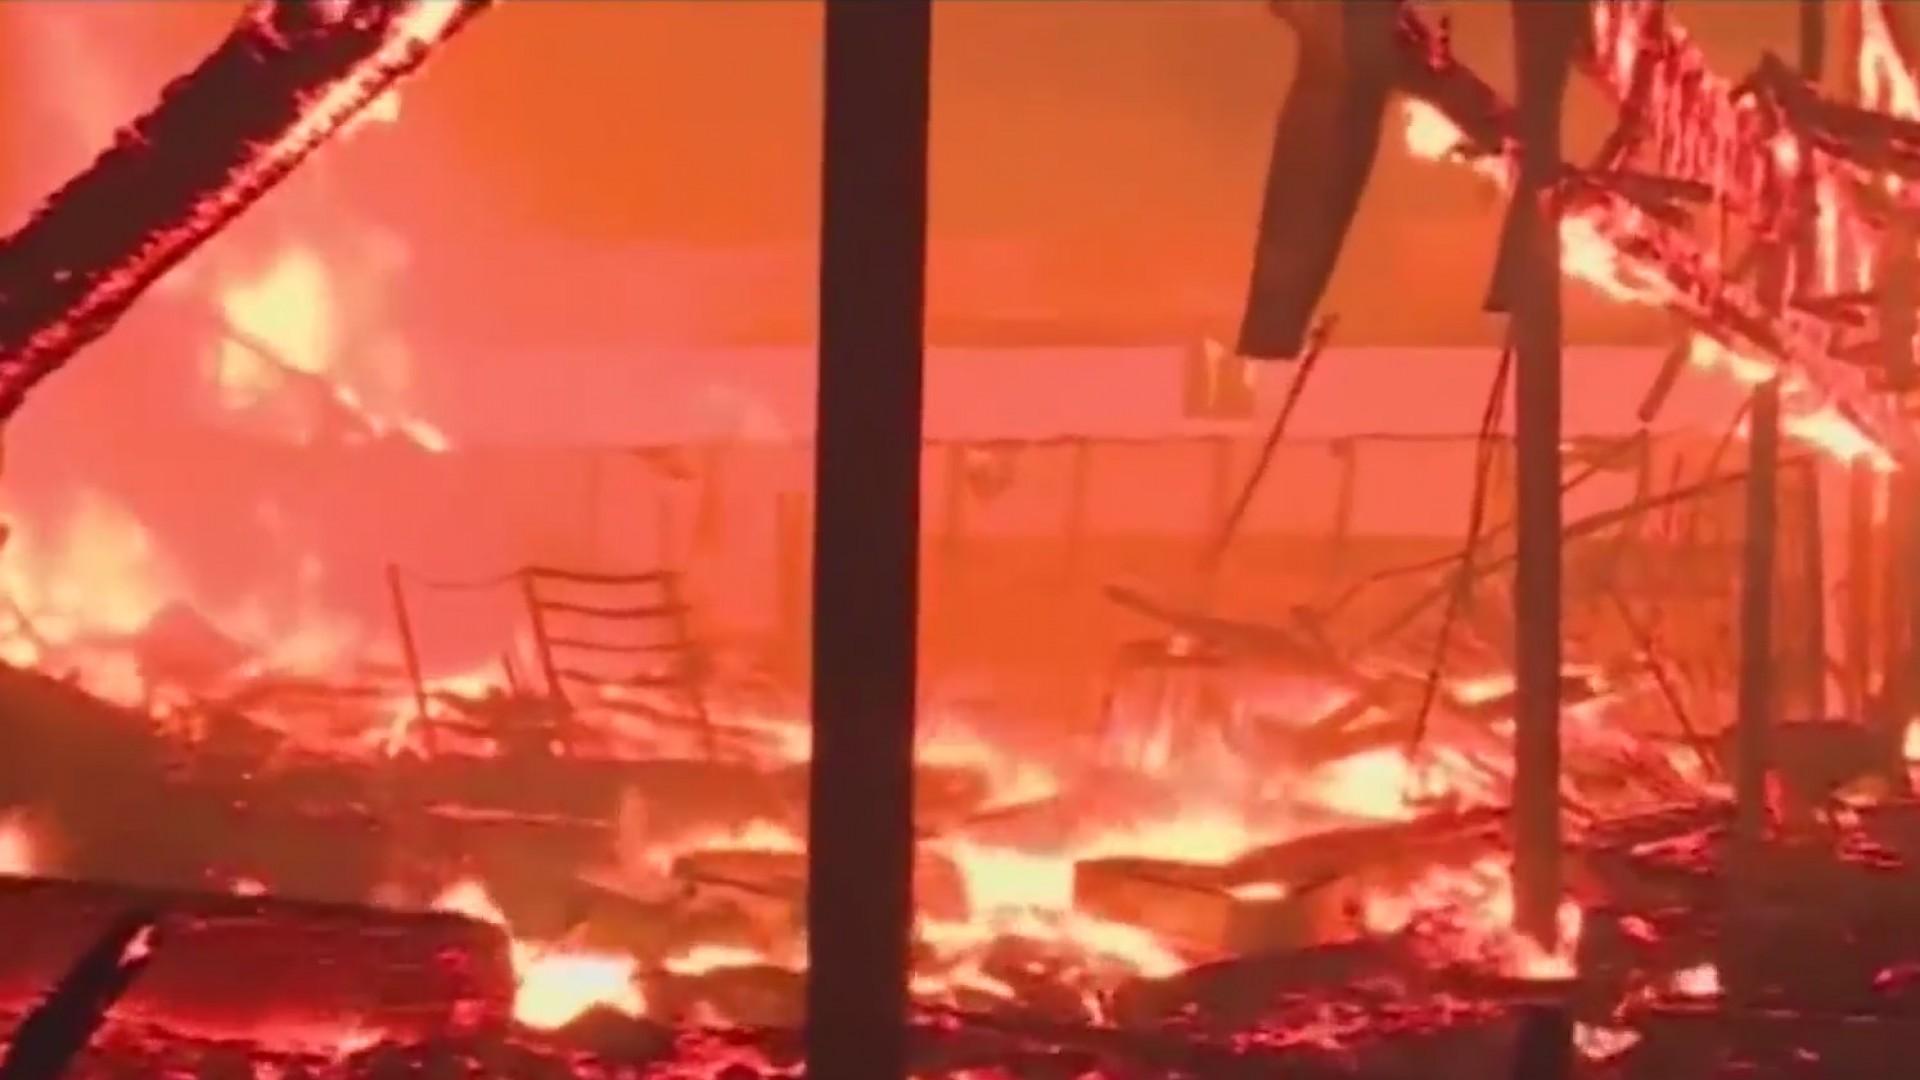 Utah_crews_deploy_as_wildfires_rage_in_C_0_20181110041533